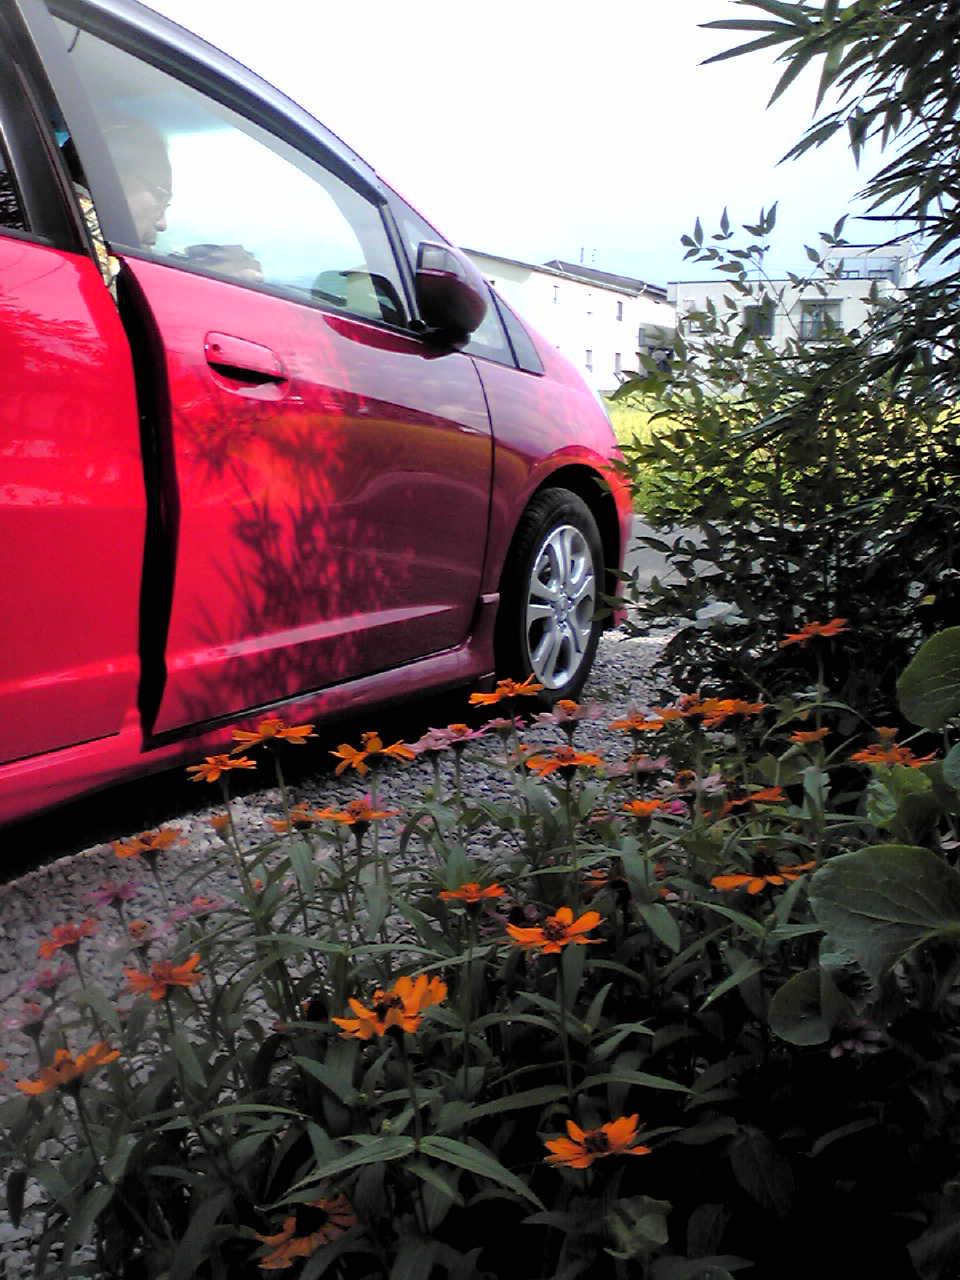 じいじの真っ赤なハイブリッドカーに乗って_e0220493_21872.jpg